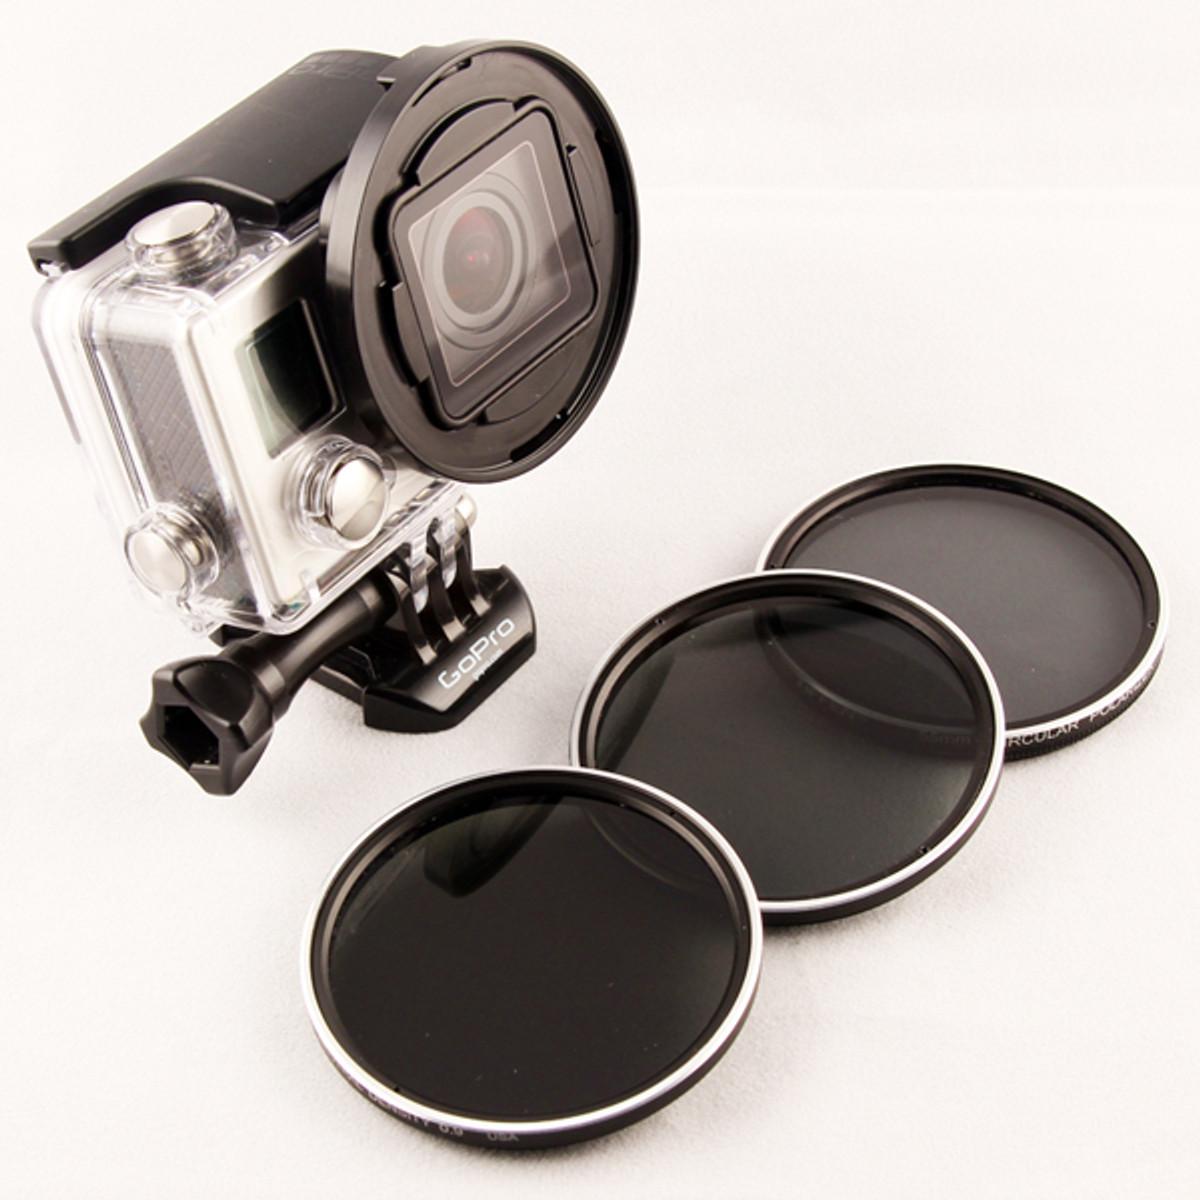 Blurfix Tiffen 55mm filtro Pack